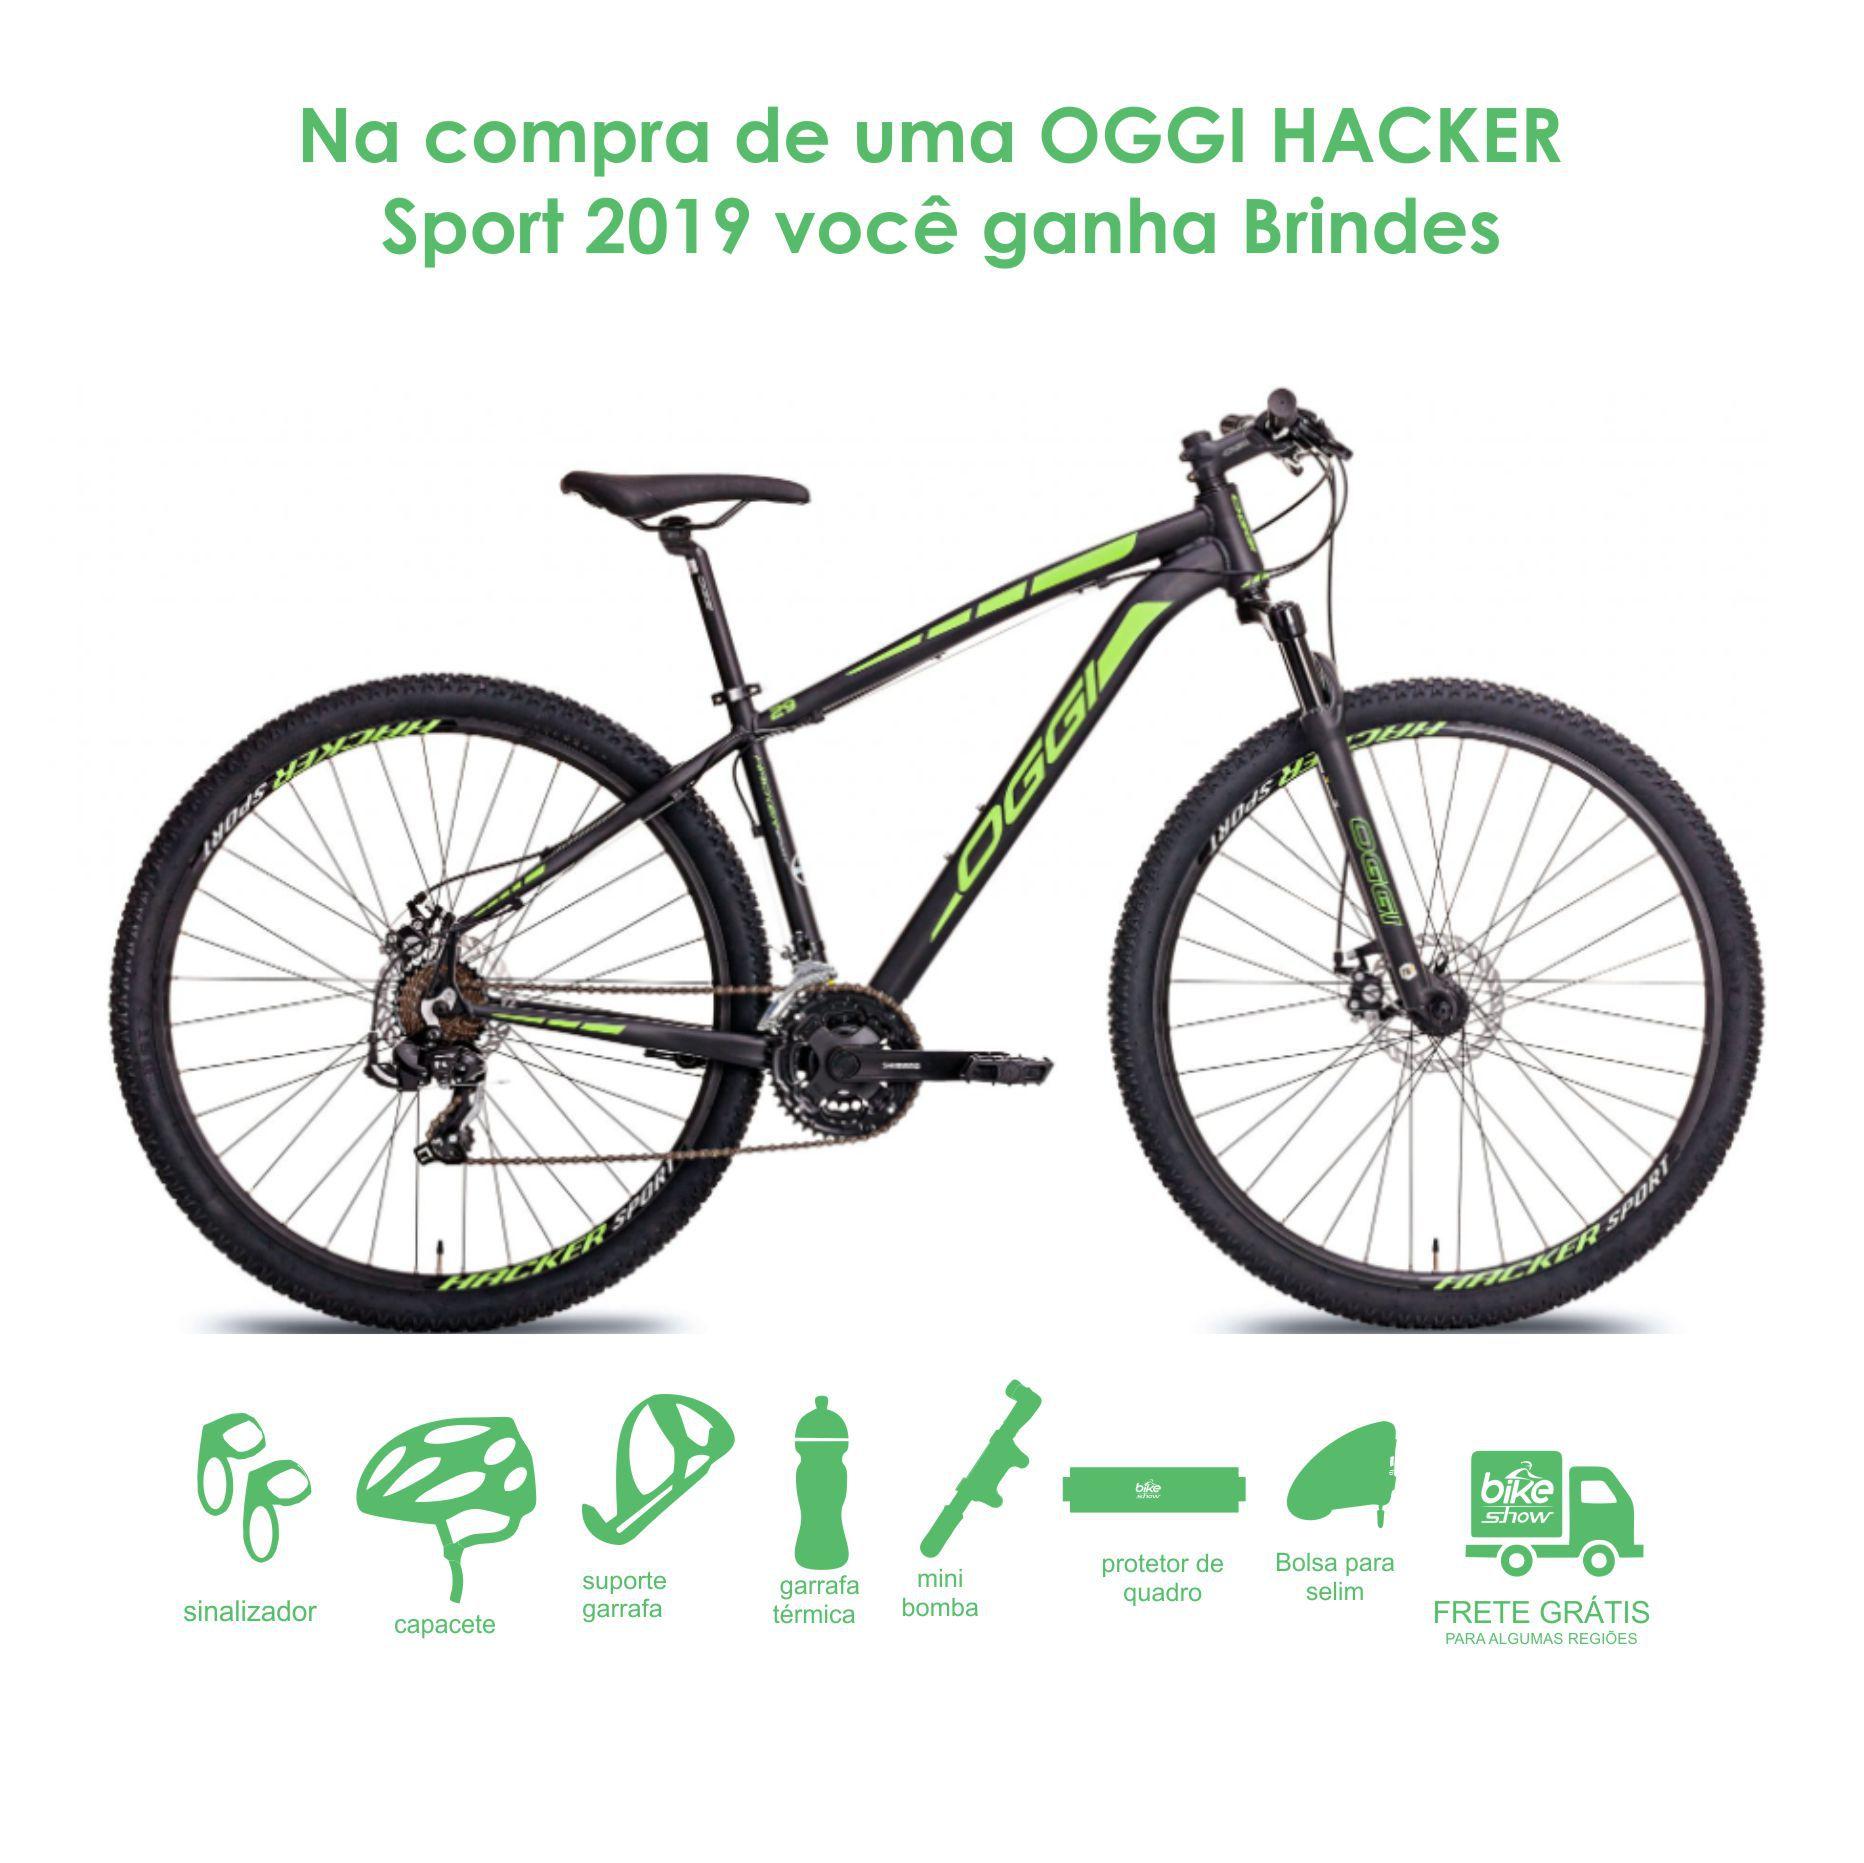 Bicicleta OGGI Hacker Sport 2019 - 21V Shimano - Freio a Disco - Preto/Verde + BRINDES